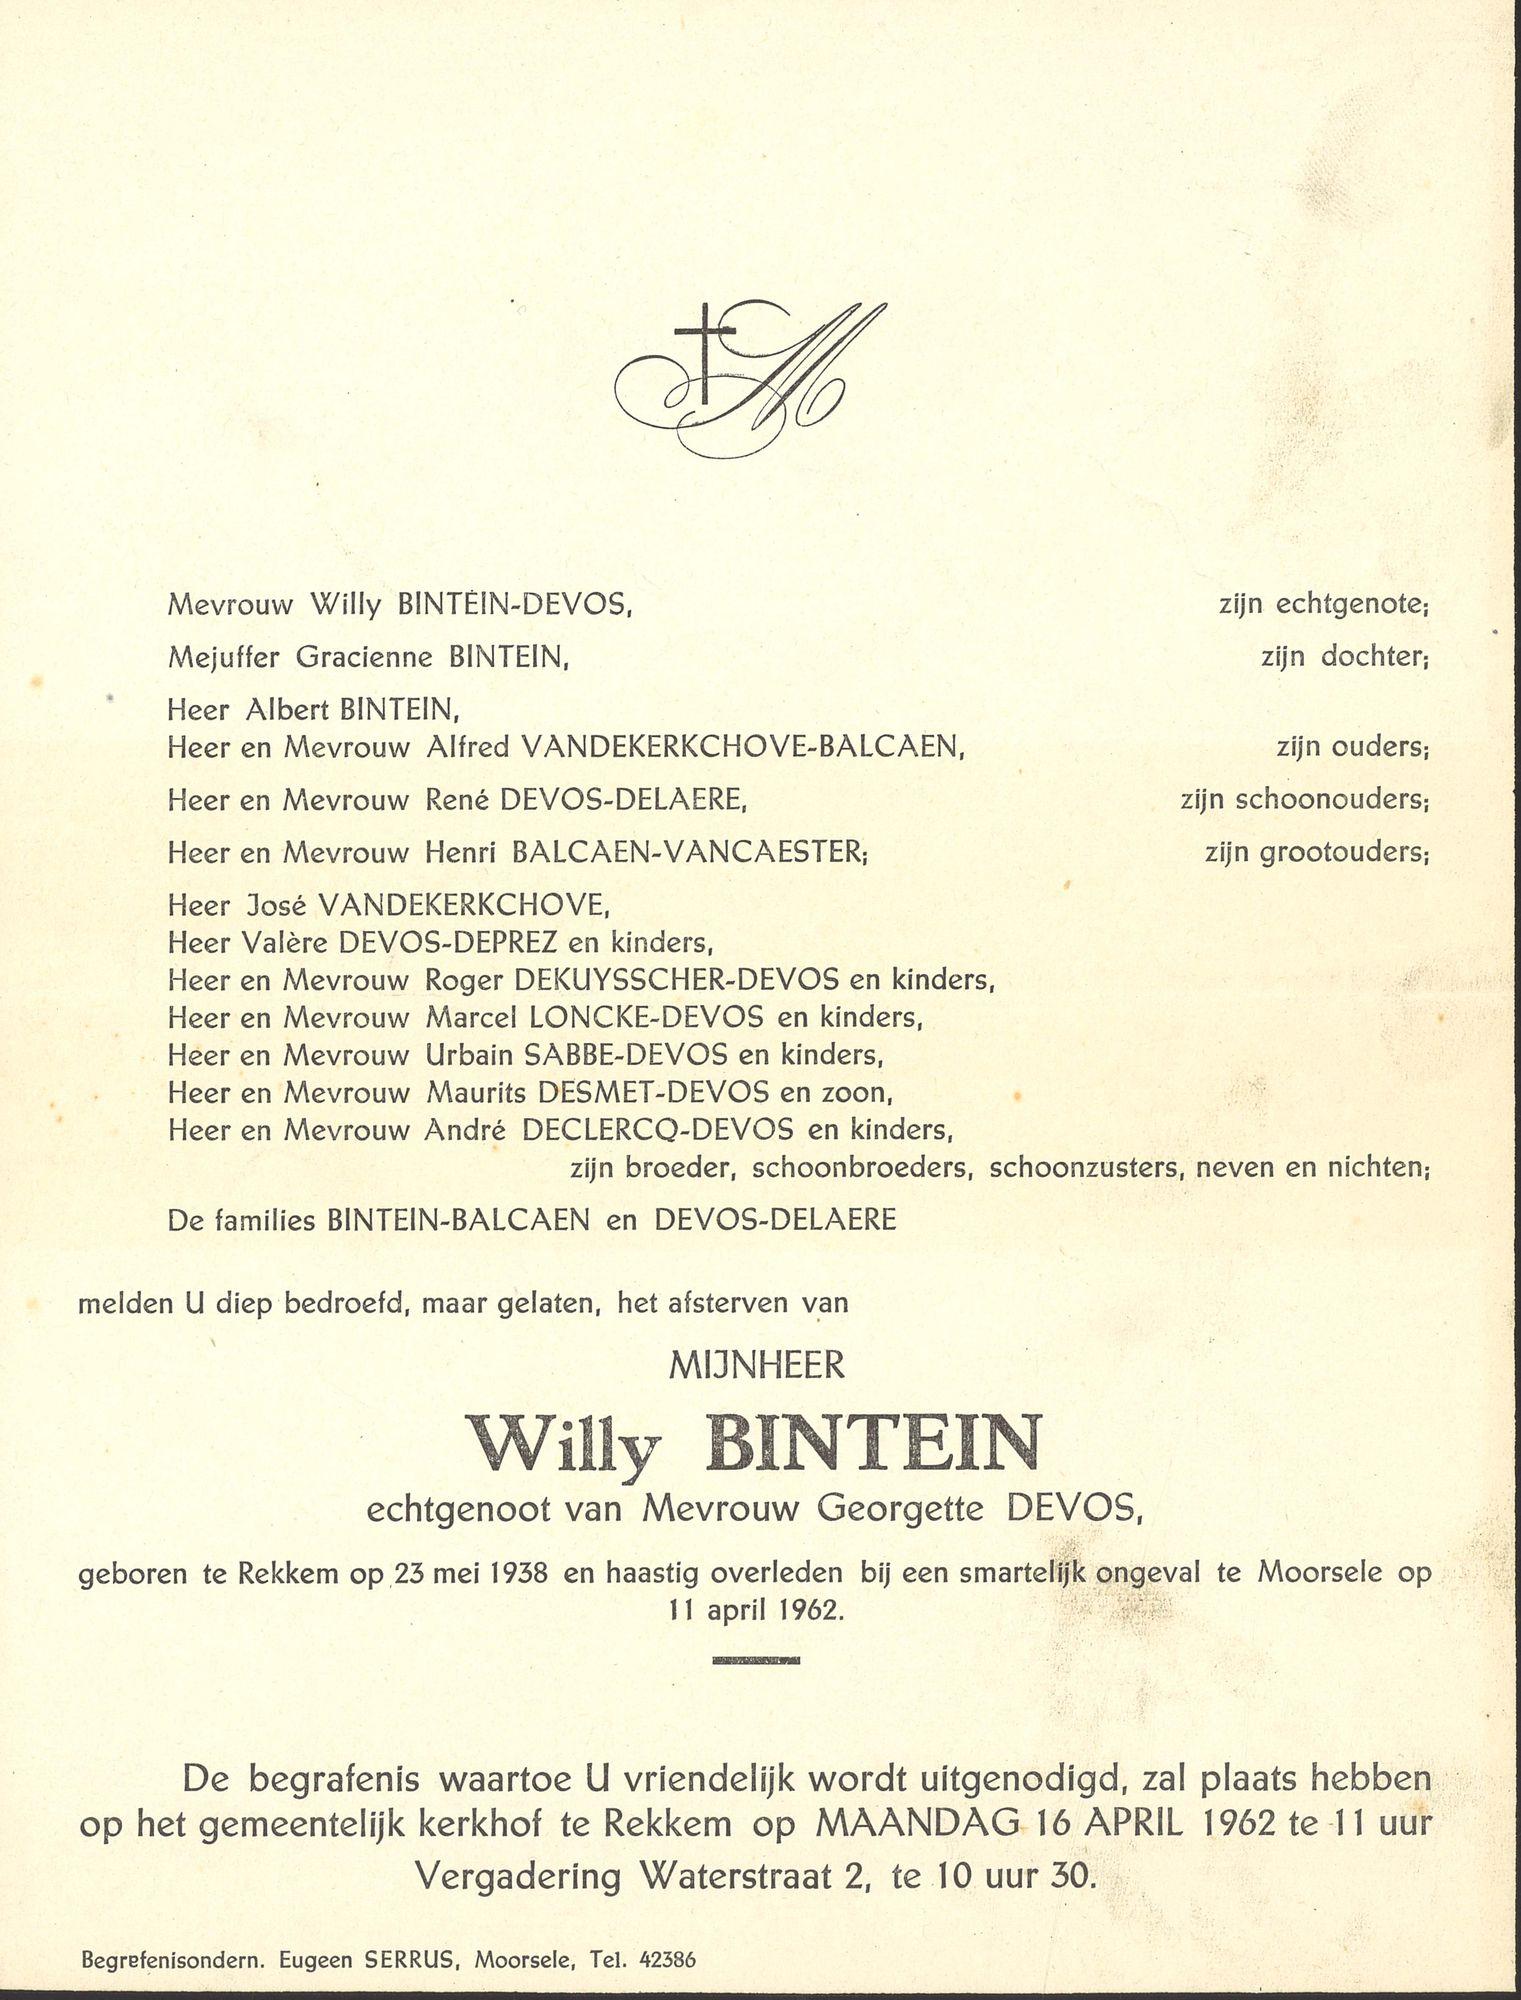 Willy Bintein